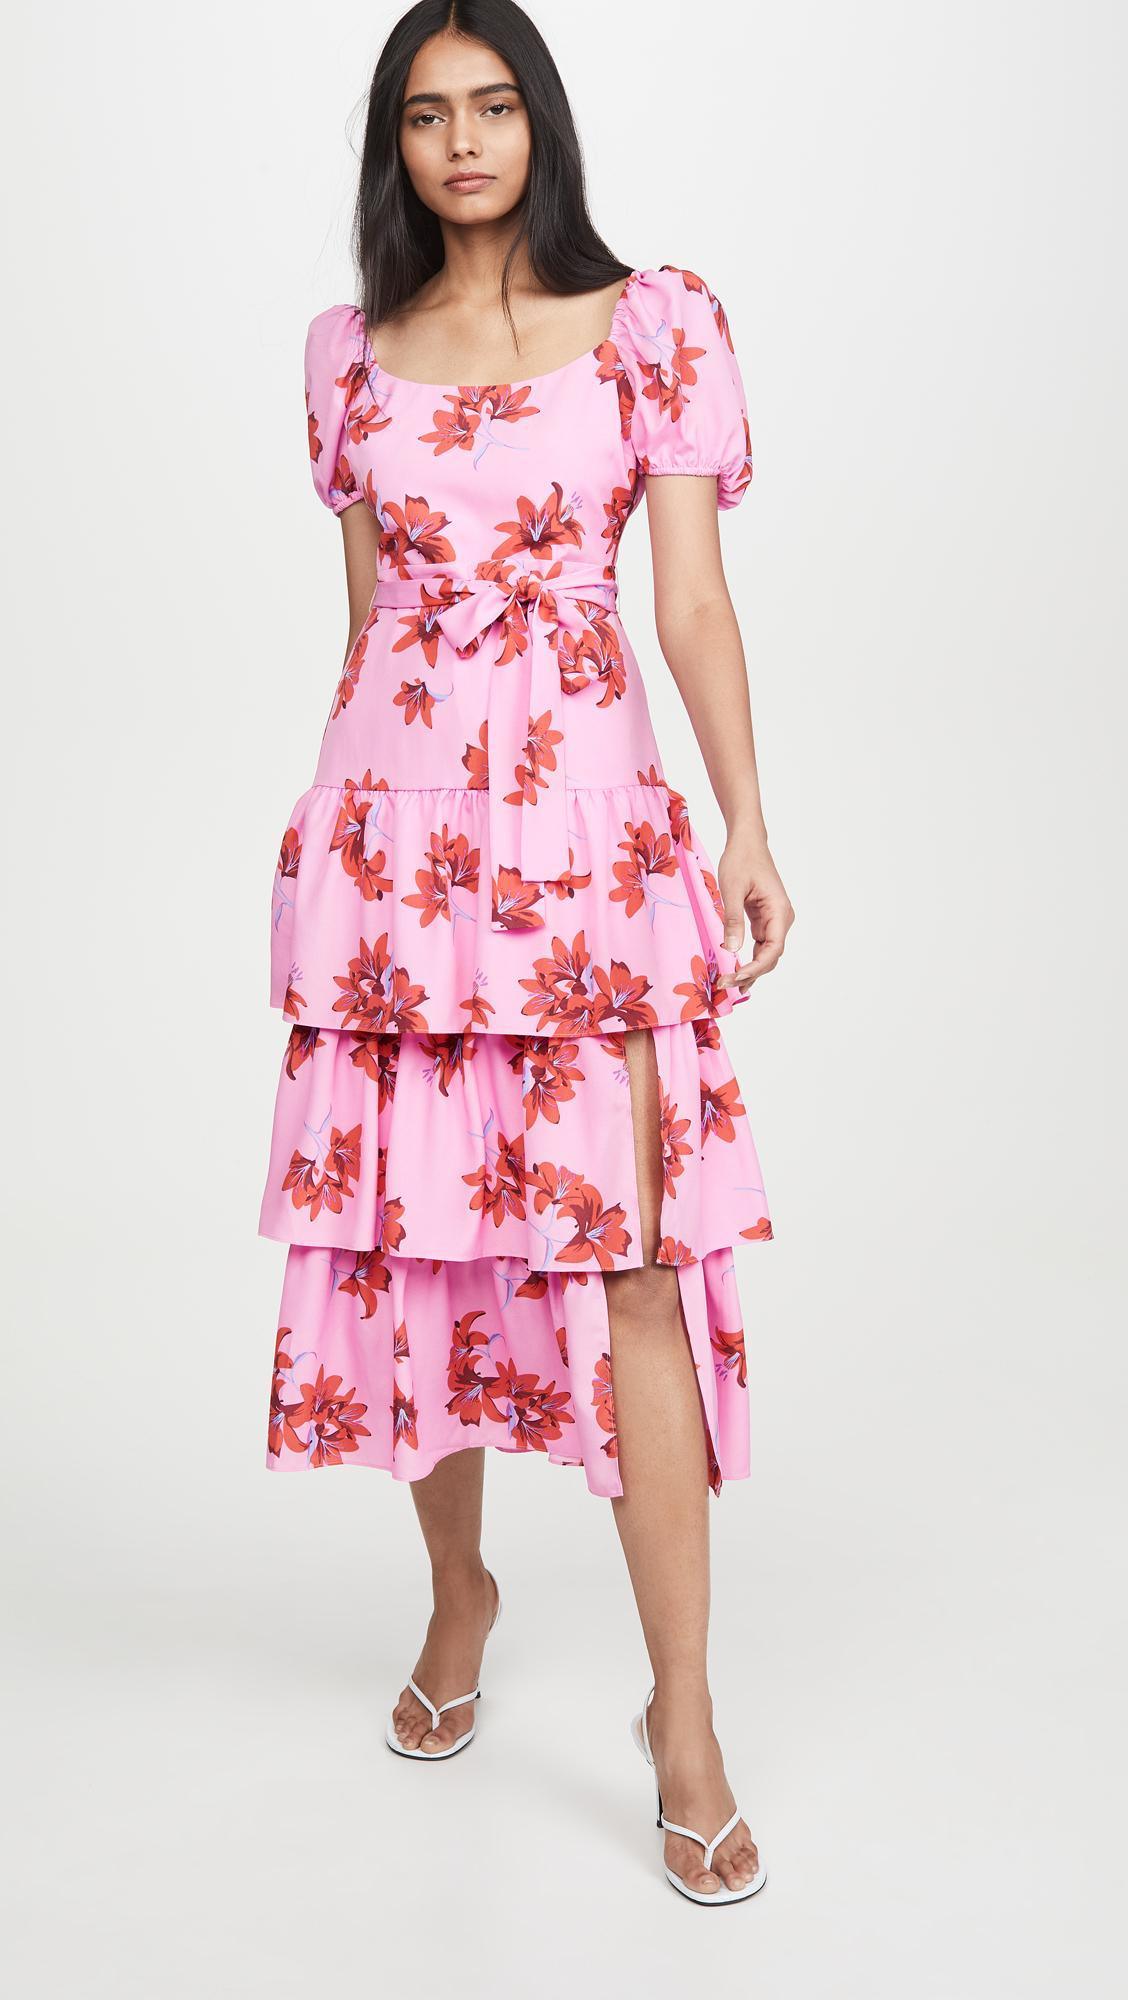 20 Spring Dresses Worthy of Easter Brunch 4